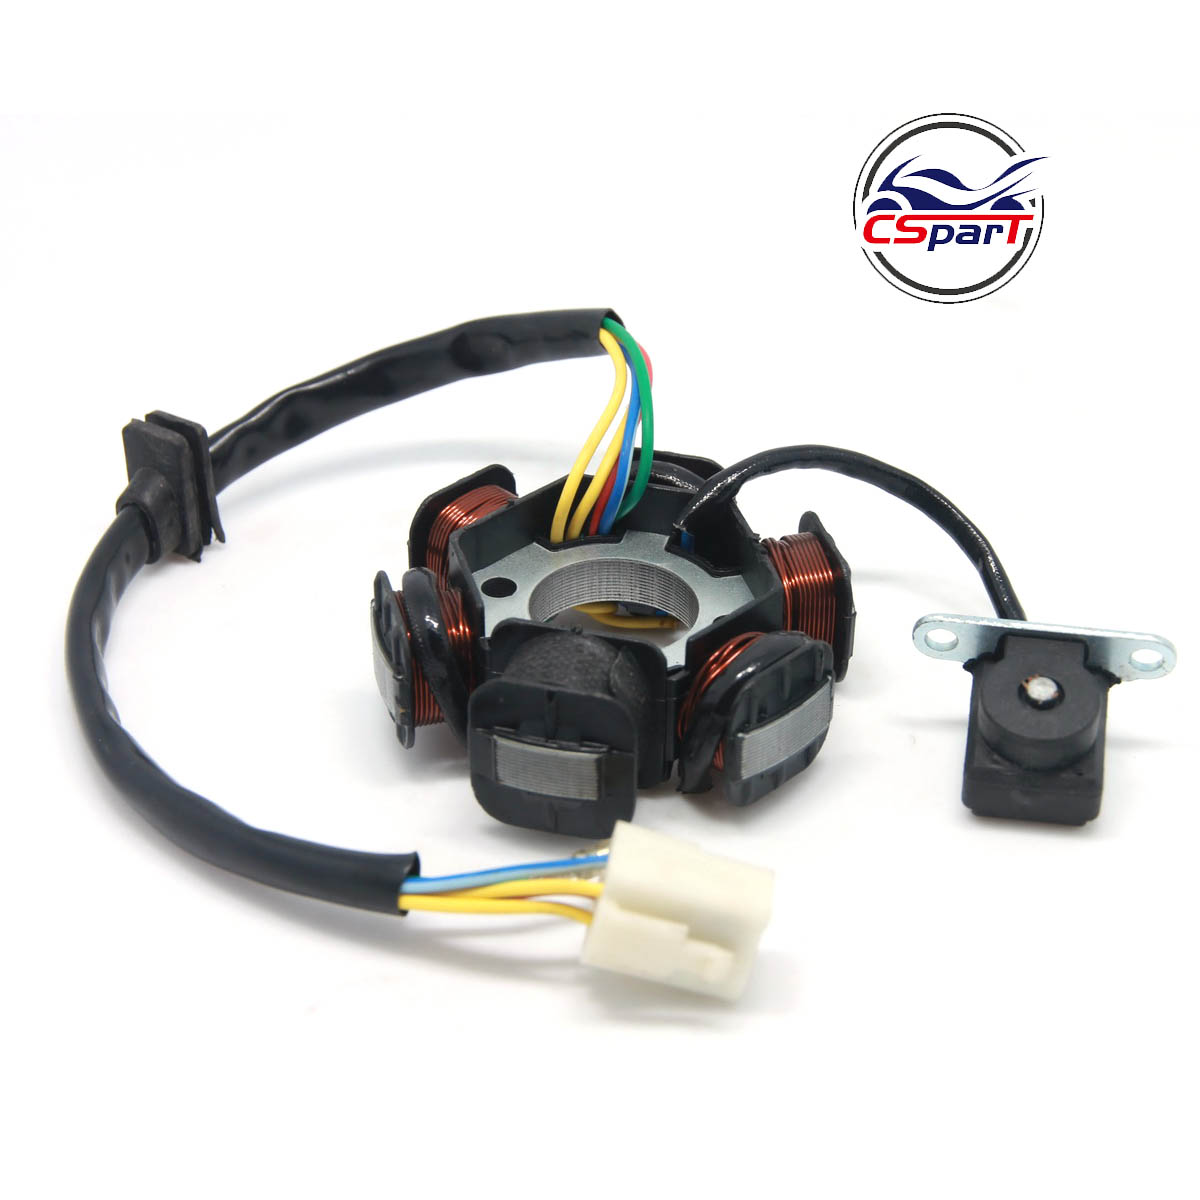 Magneto Stator 6 Pole Coil 5 Wire 50CC 70CC 90CC 110CC 125CC Lifan ZongShen Loncin Xmotos Apollo Dirt Pit Bike ATV Quad Parts